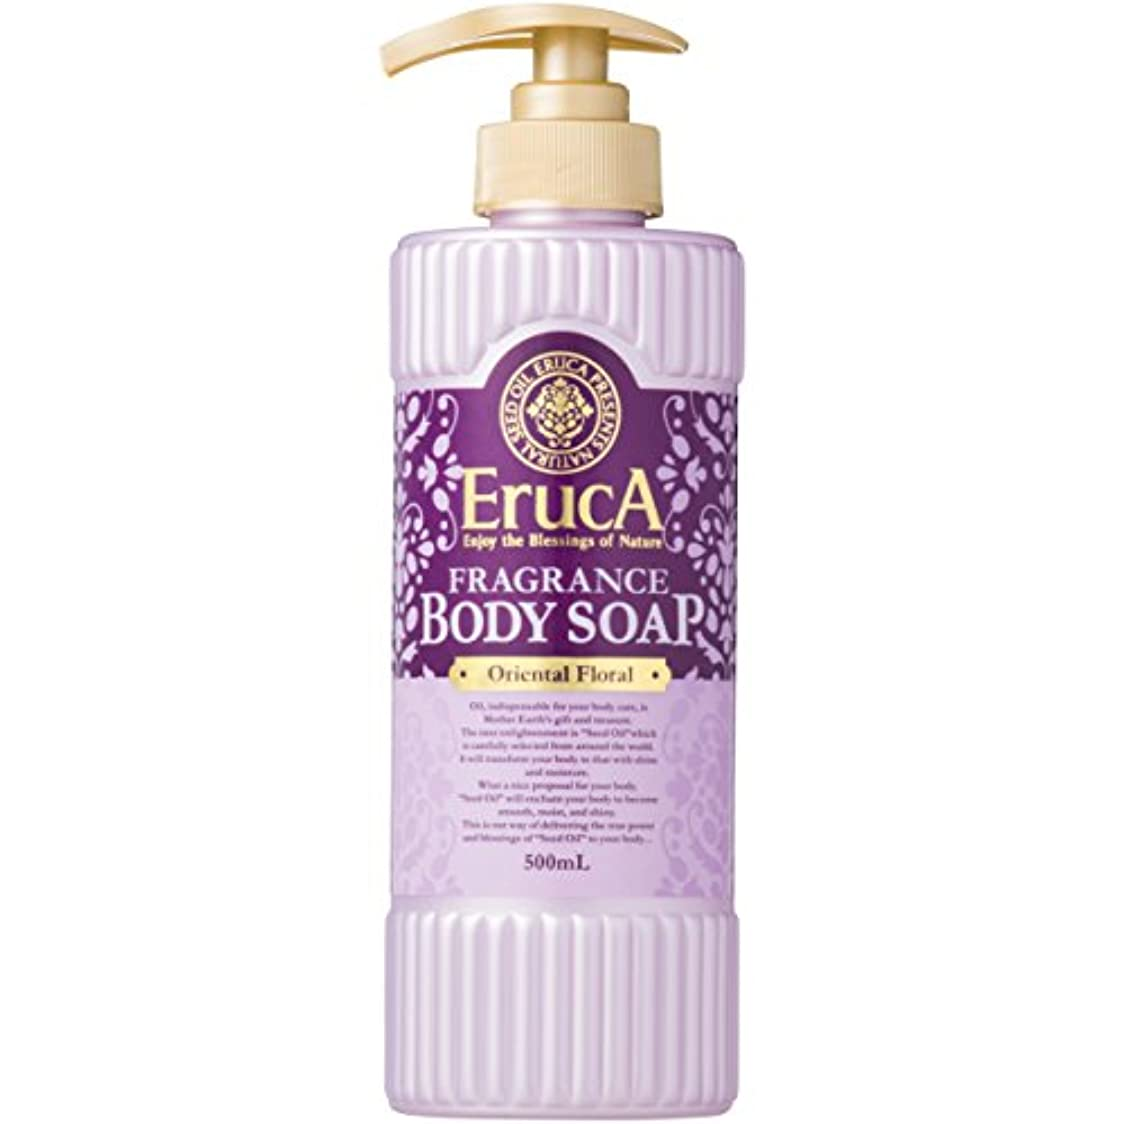 ローズわずかなファイターエルーカ フレグランスボディソープ オリエンタルフローラルの香り 500ml